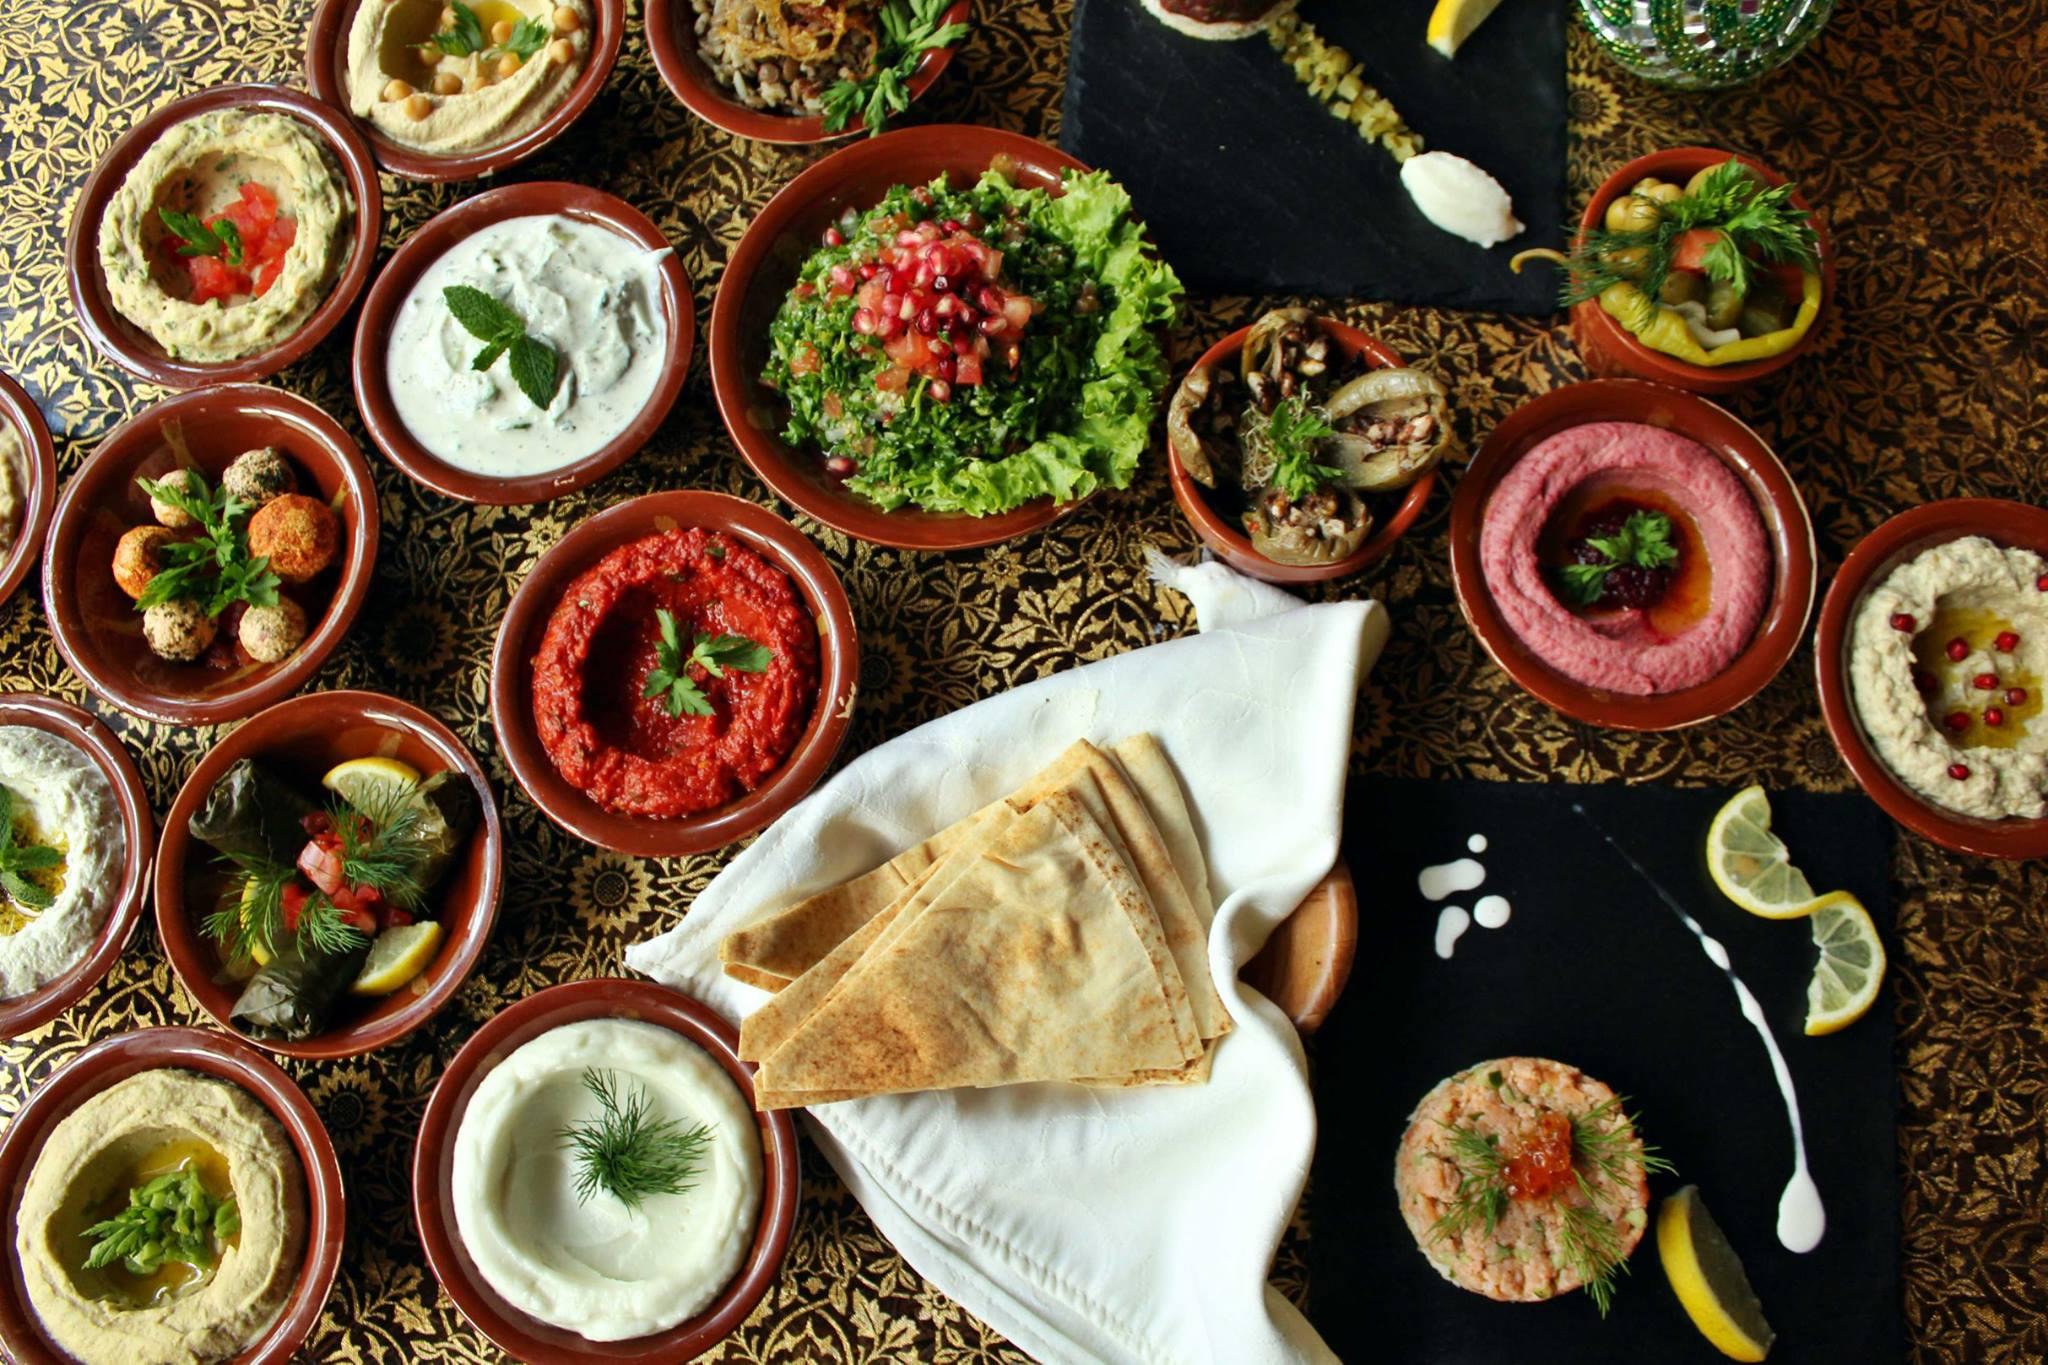 Kuchnia Libańska W Stolicy Gdzie Ją Znaleźć Mówią Na Mieście